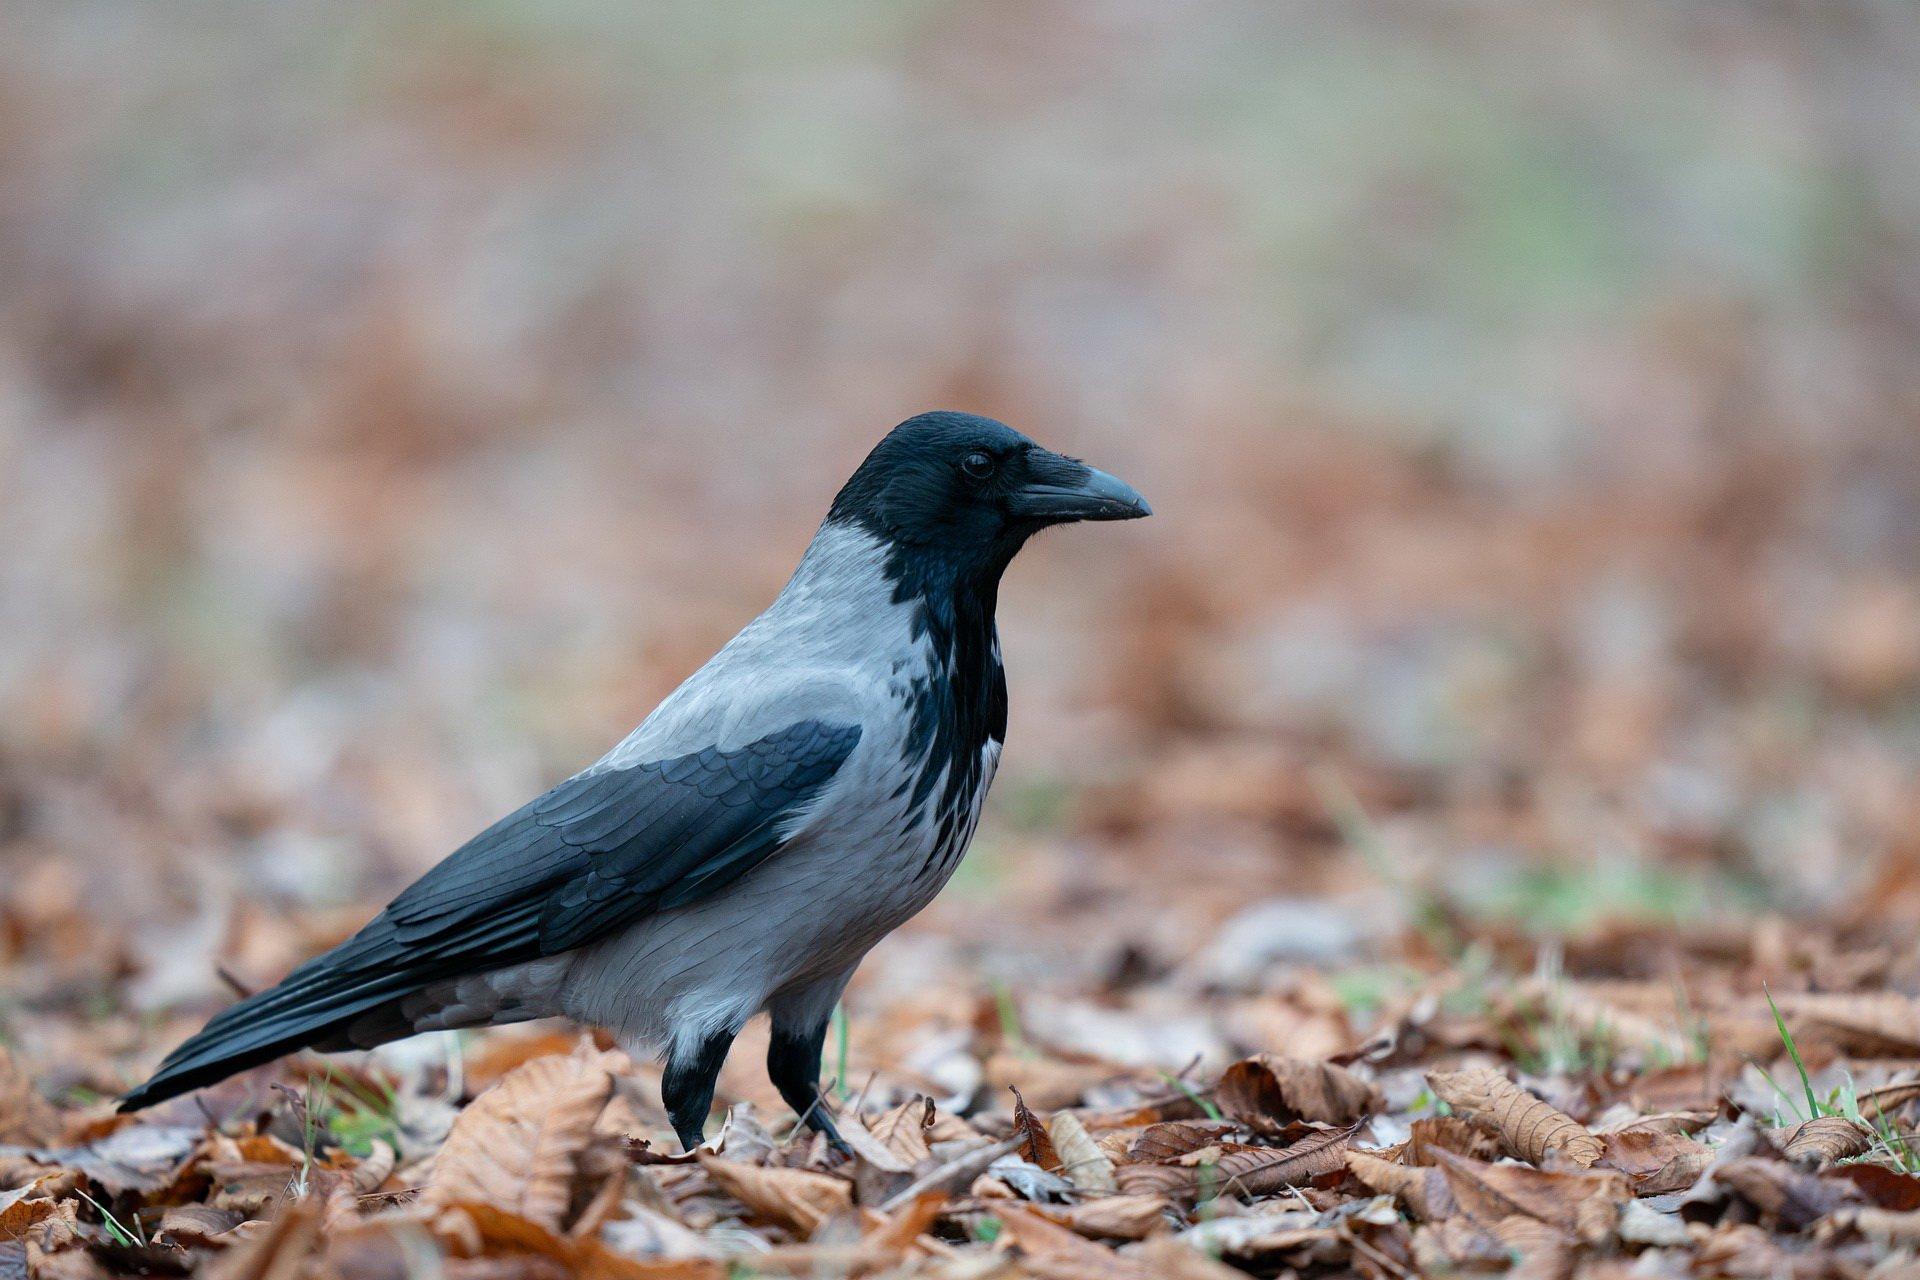 Wrona zagadki o ptakach zwierzętach z odpowiedziami